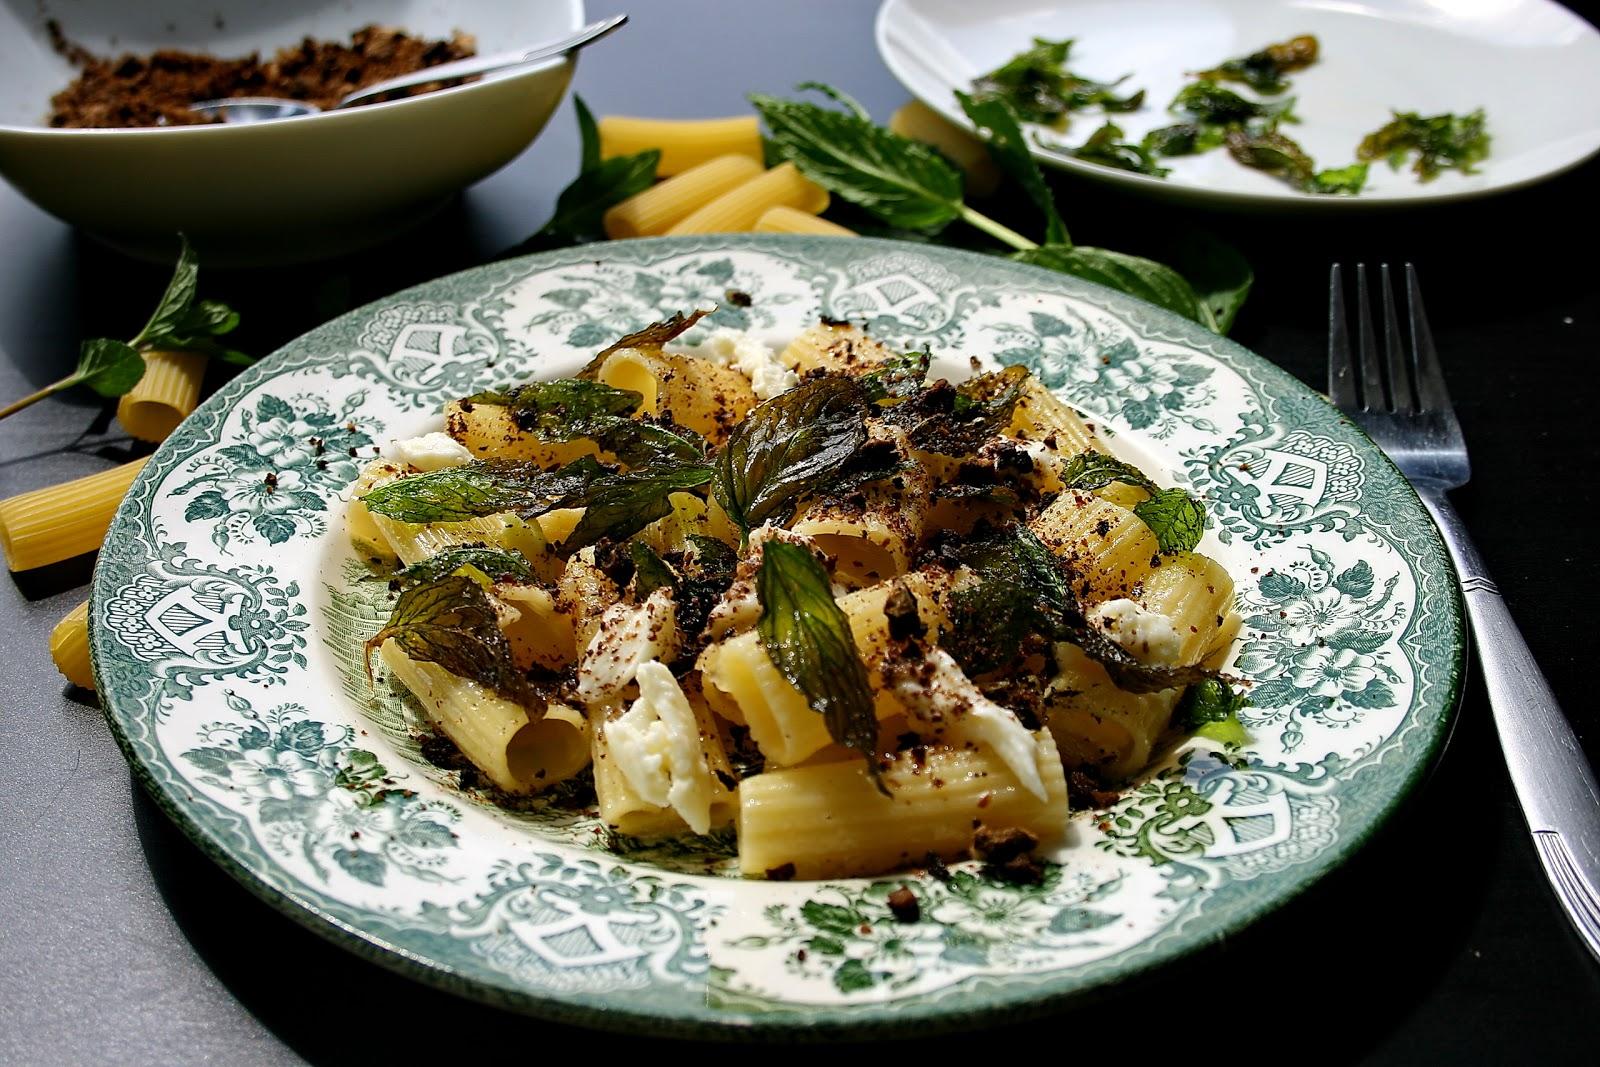 Rigatoni z mozzarellą, ziemią oliwkową i chipsami z mięty